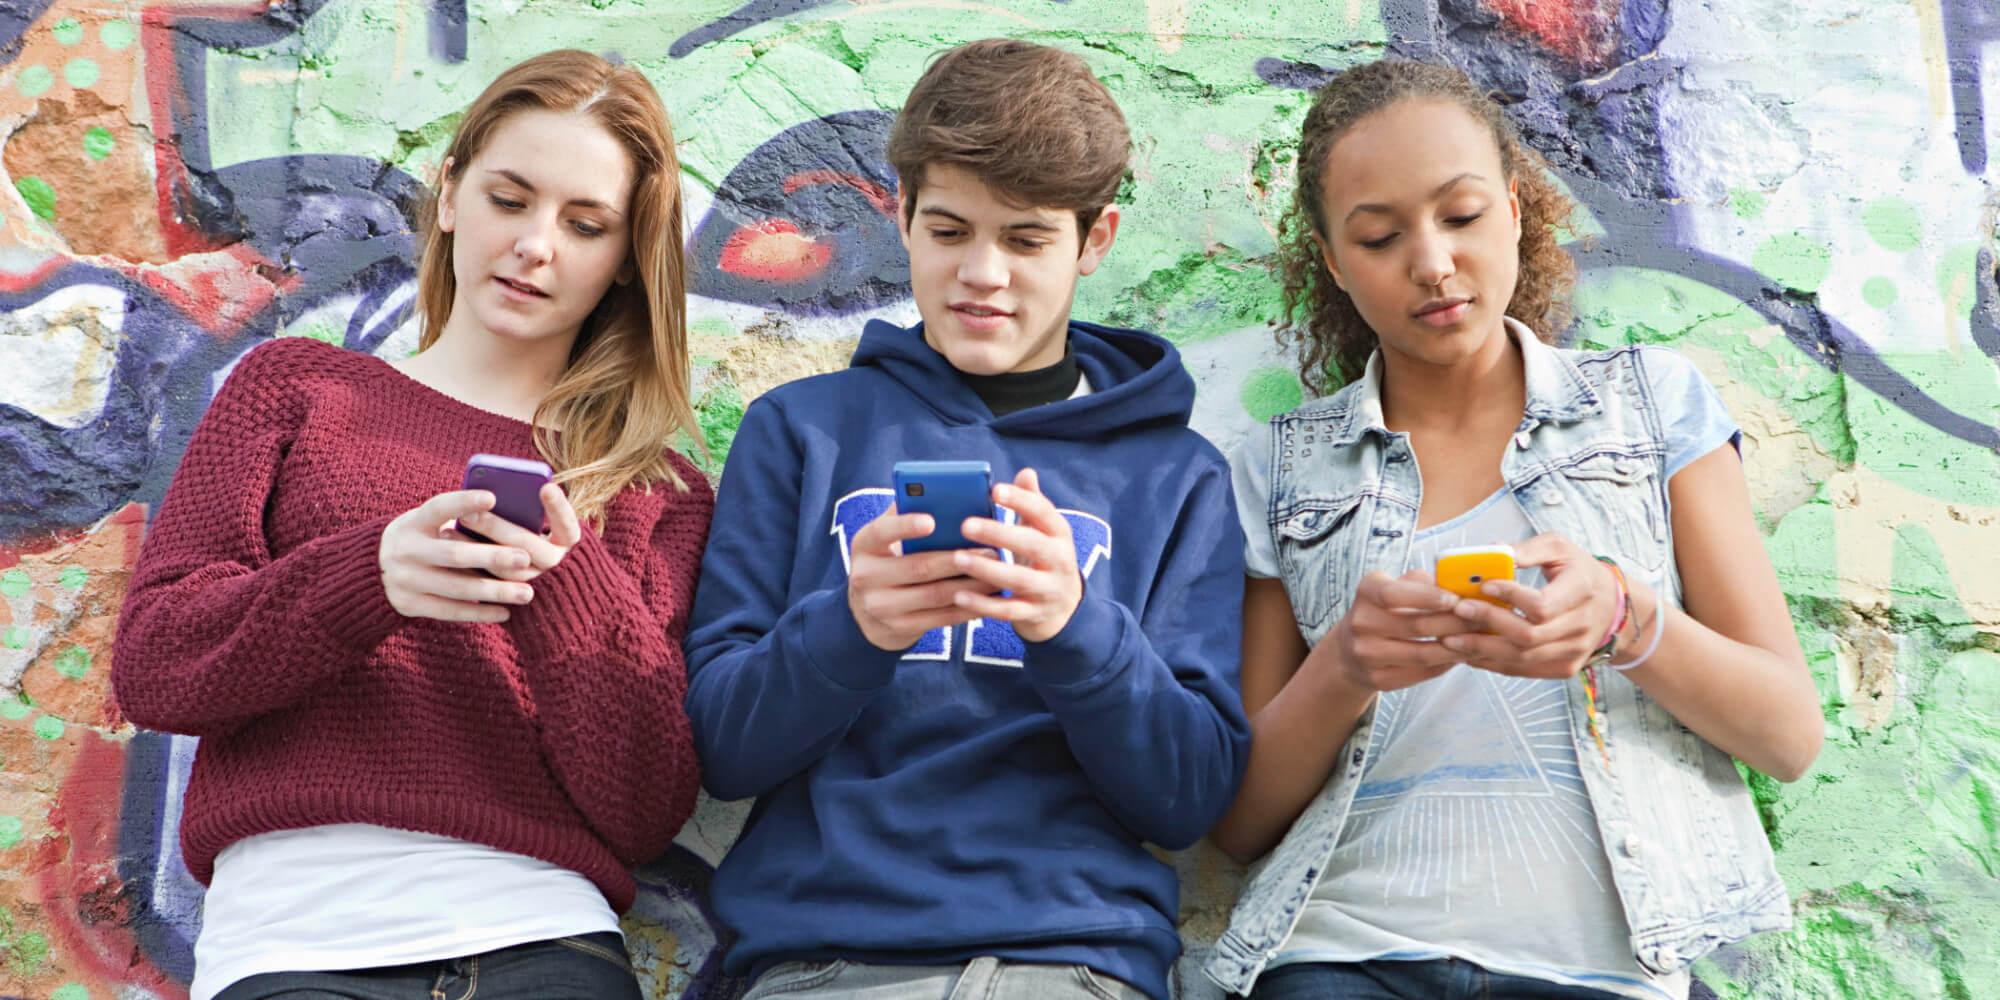 adolescentes con móvil 3